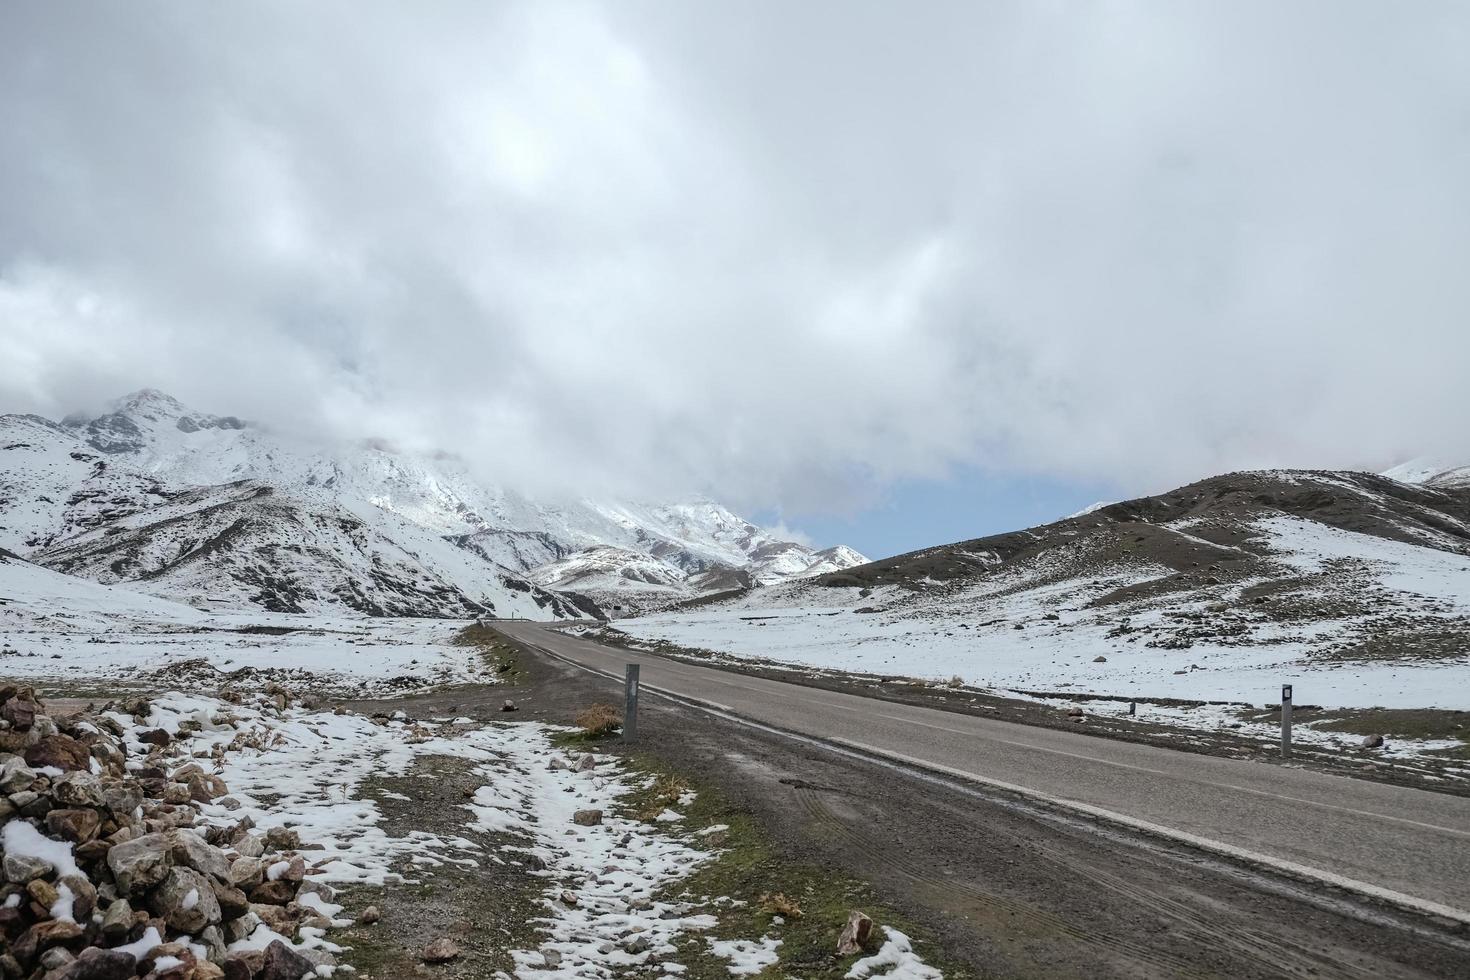 una strada asfaltata vuota circondata da montagne innevate con cielo nuvoloso nella gamma di alto atlante. Marocco. foto